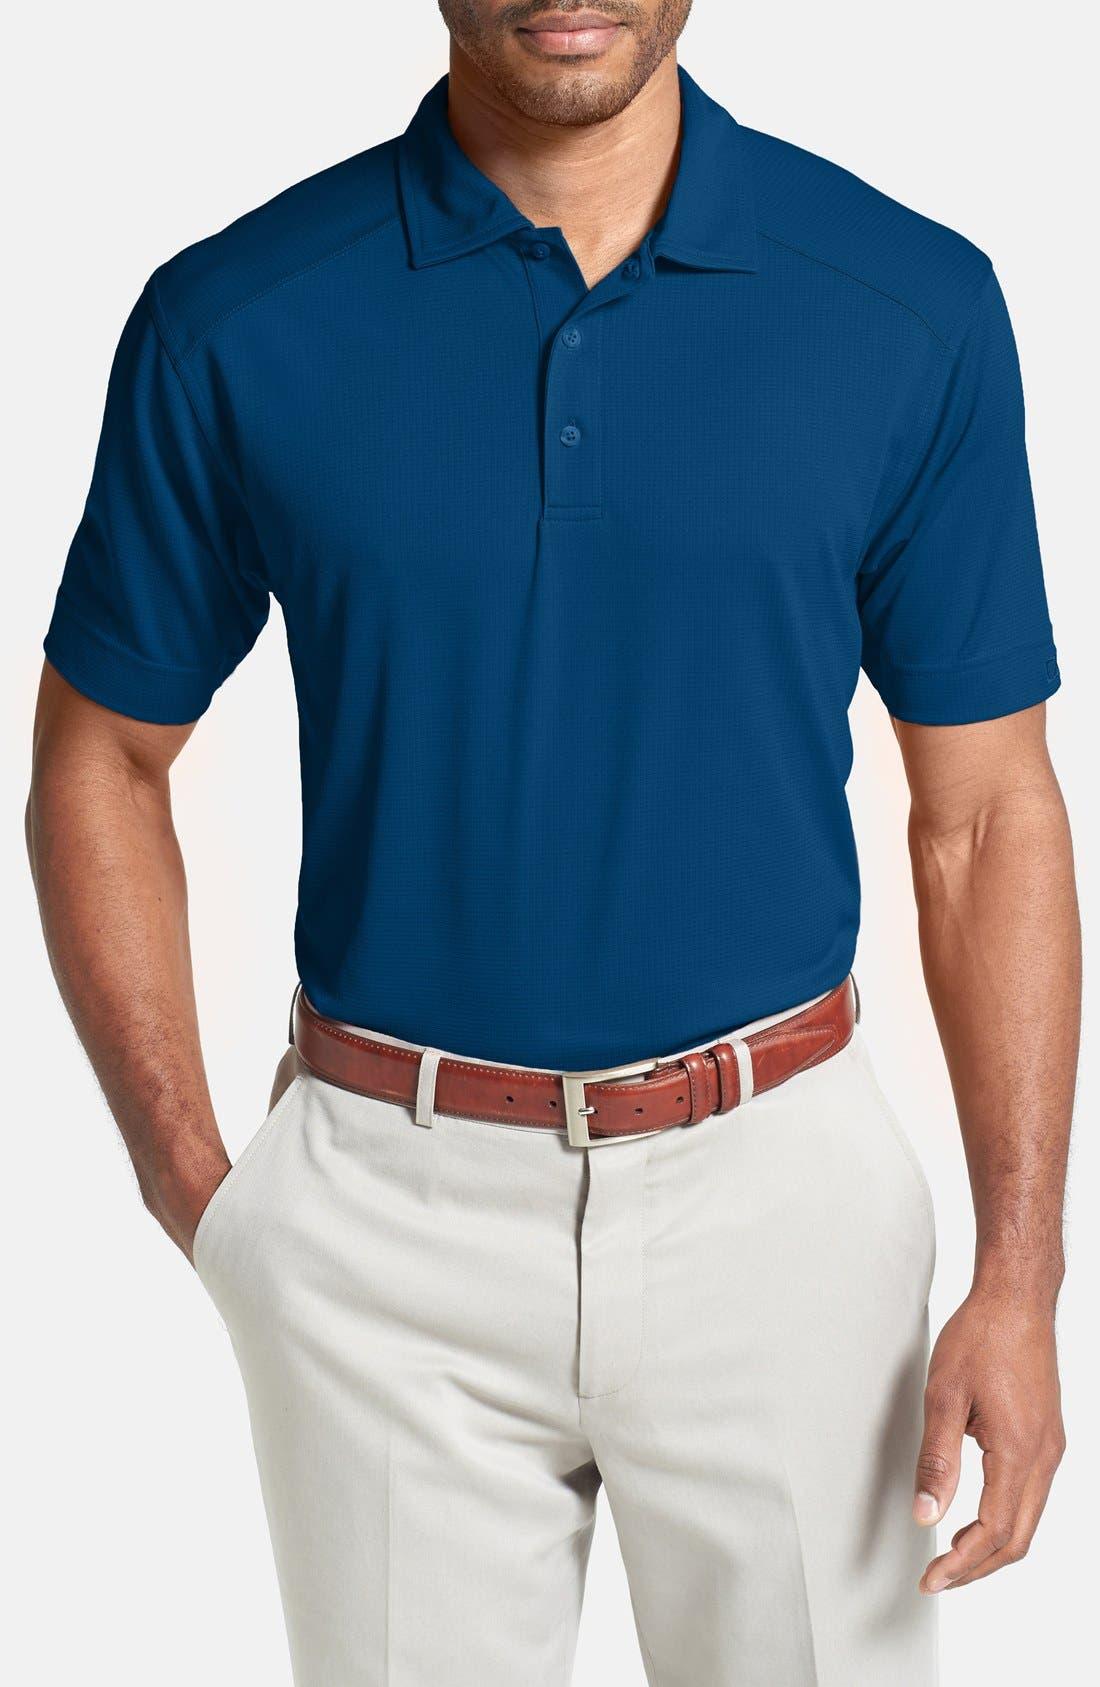 'Genre' DryTec Moisture Wicking Polo,                         Main,                         color, TOUR BLUE